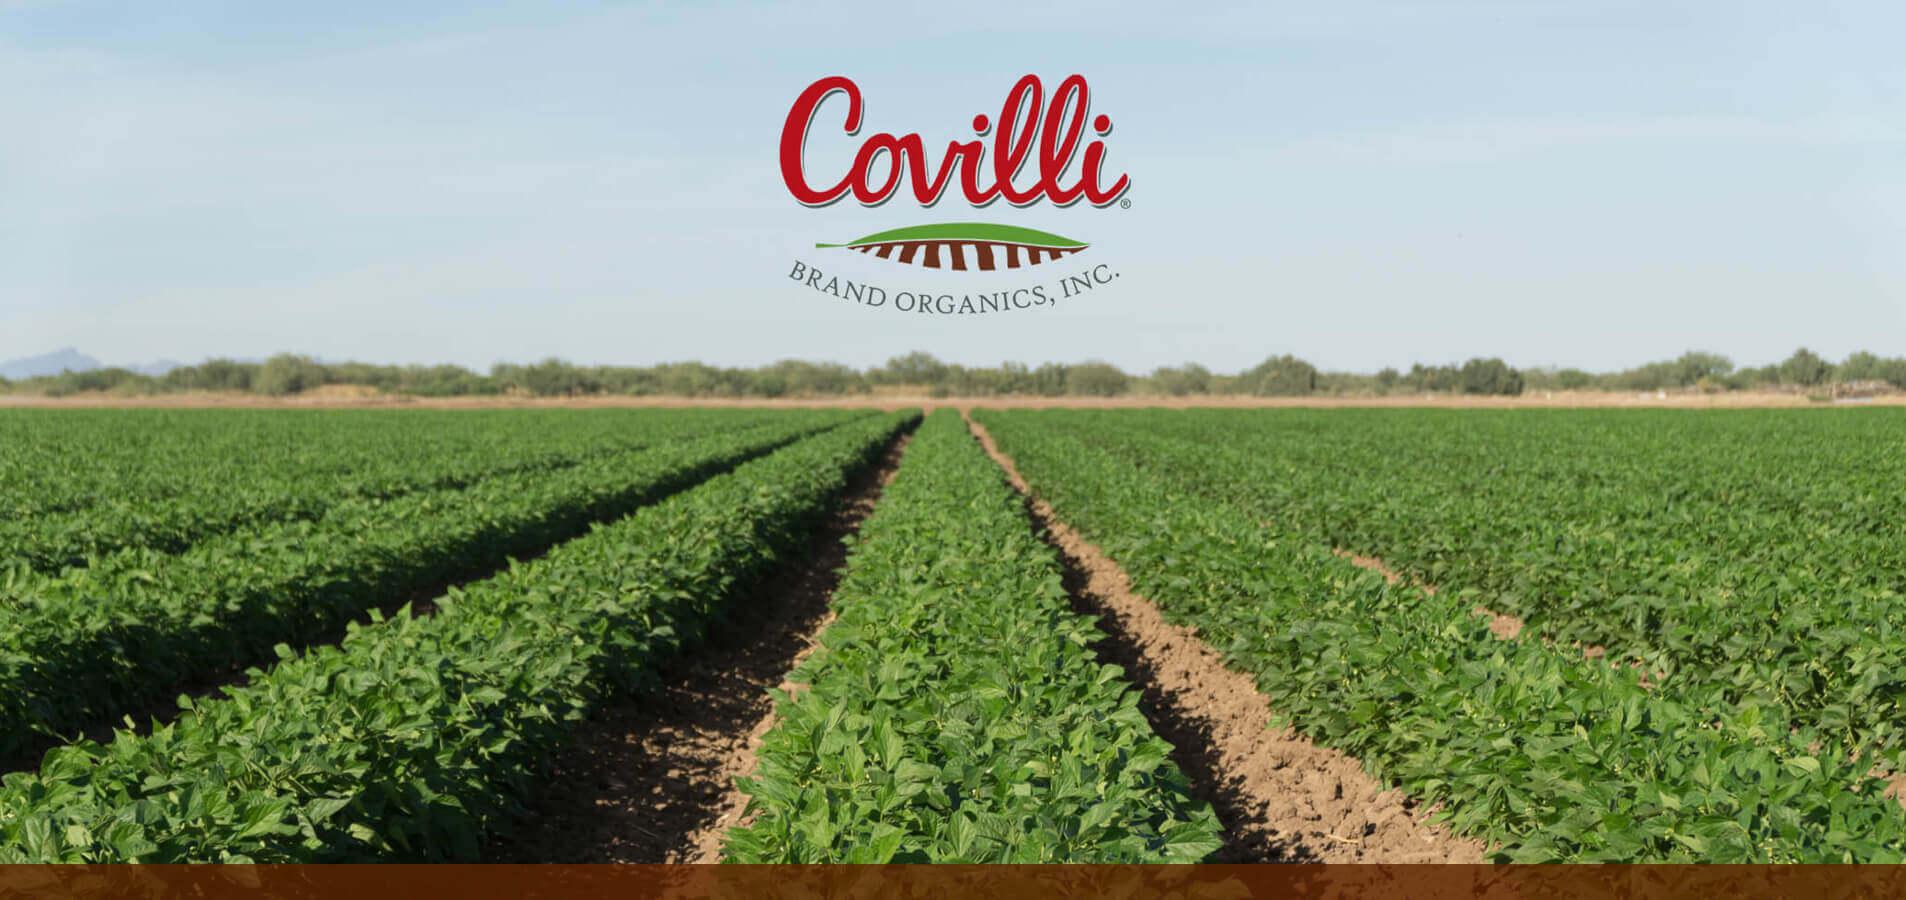 Covilli Banner Image